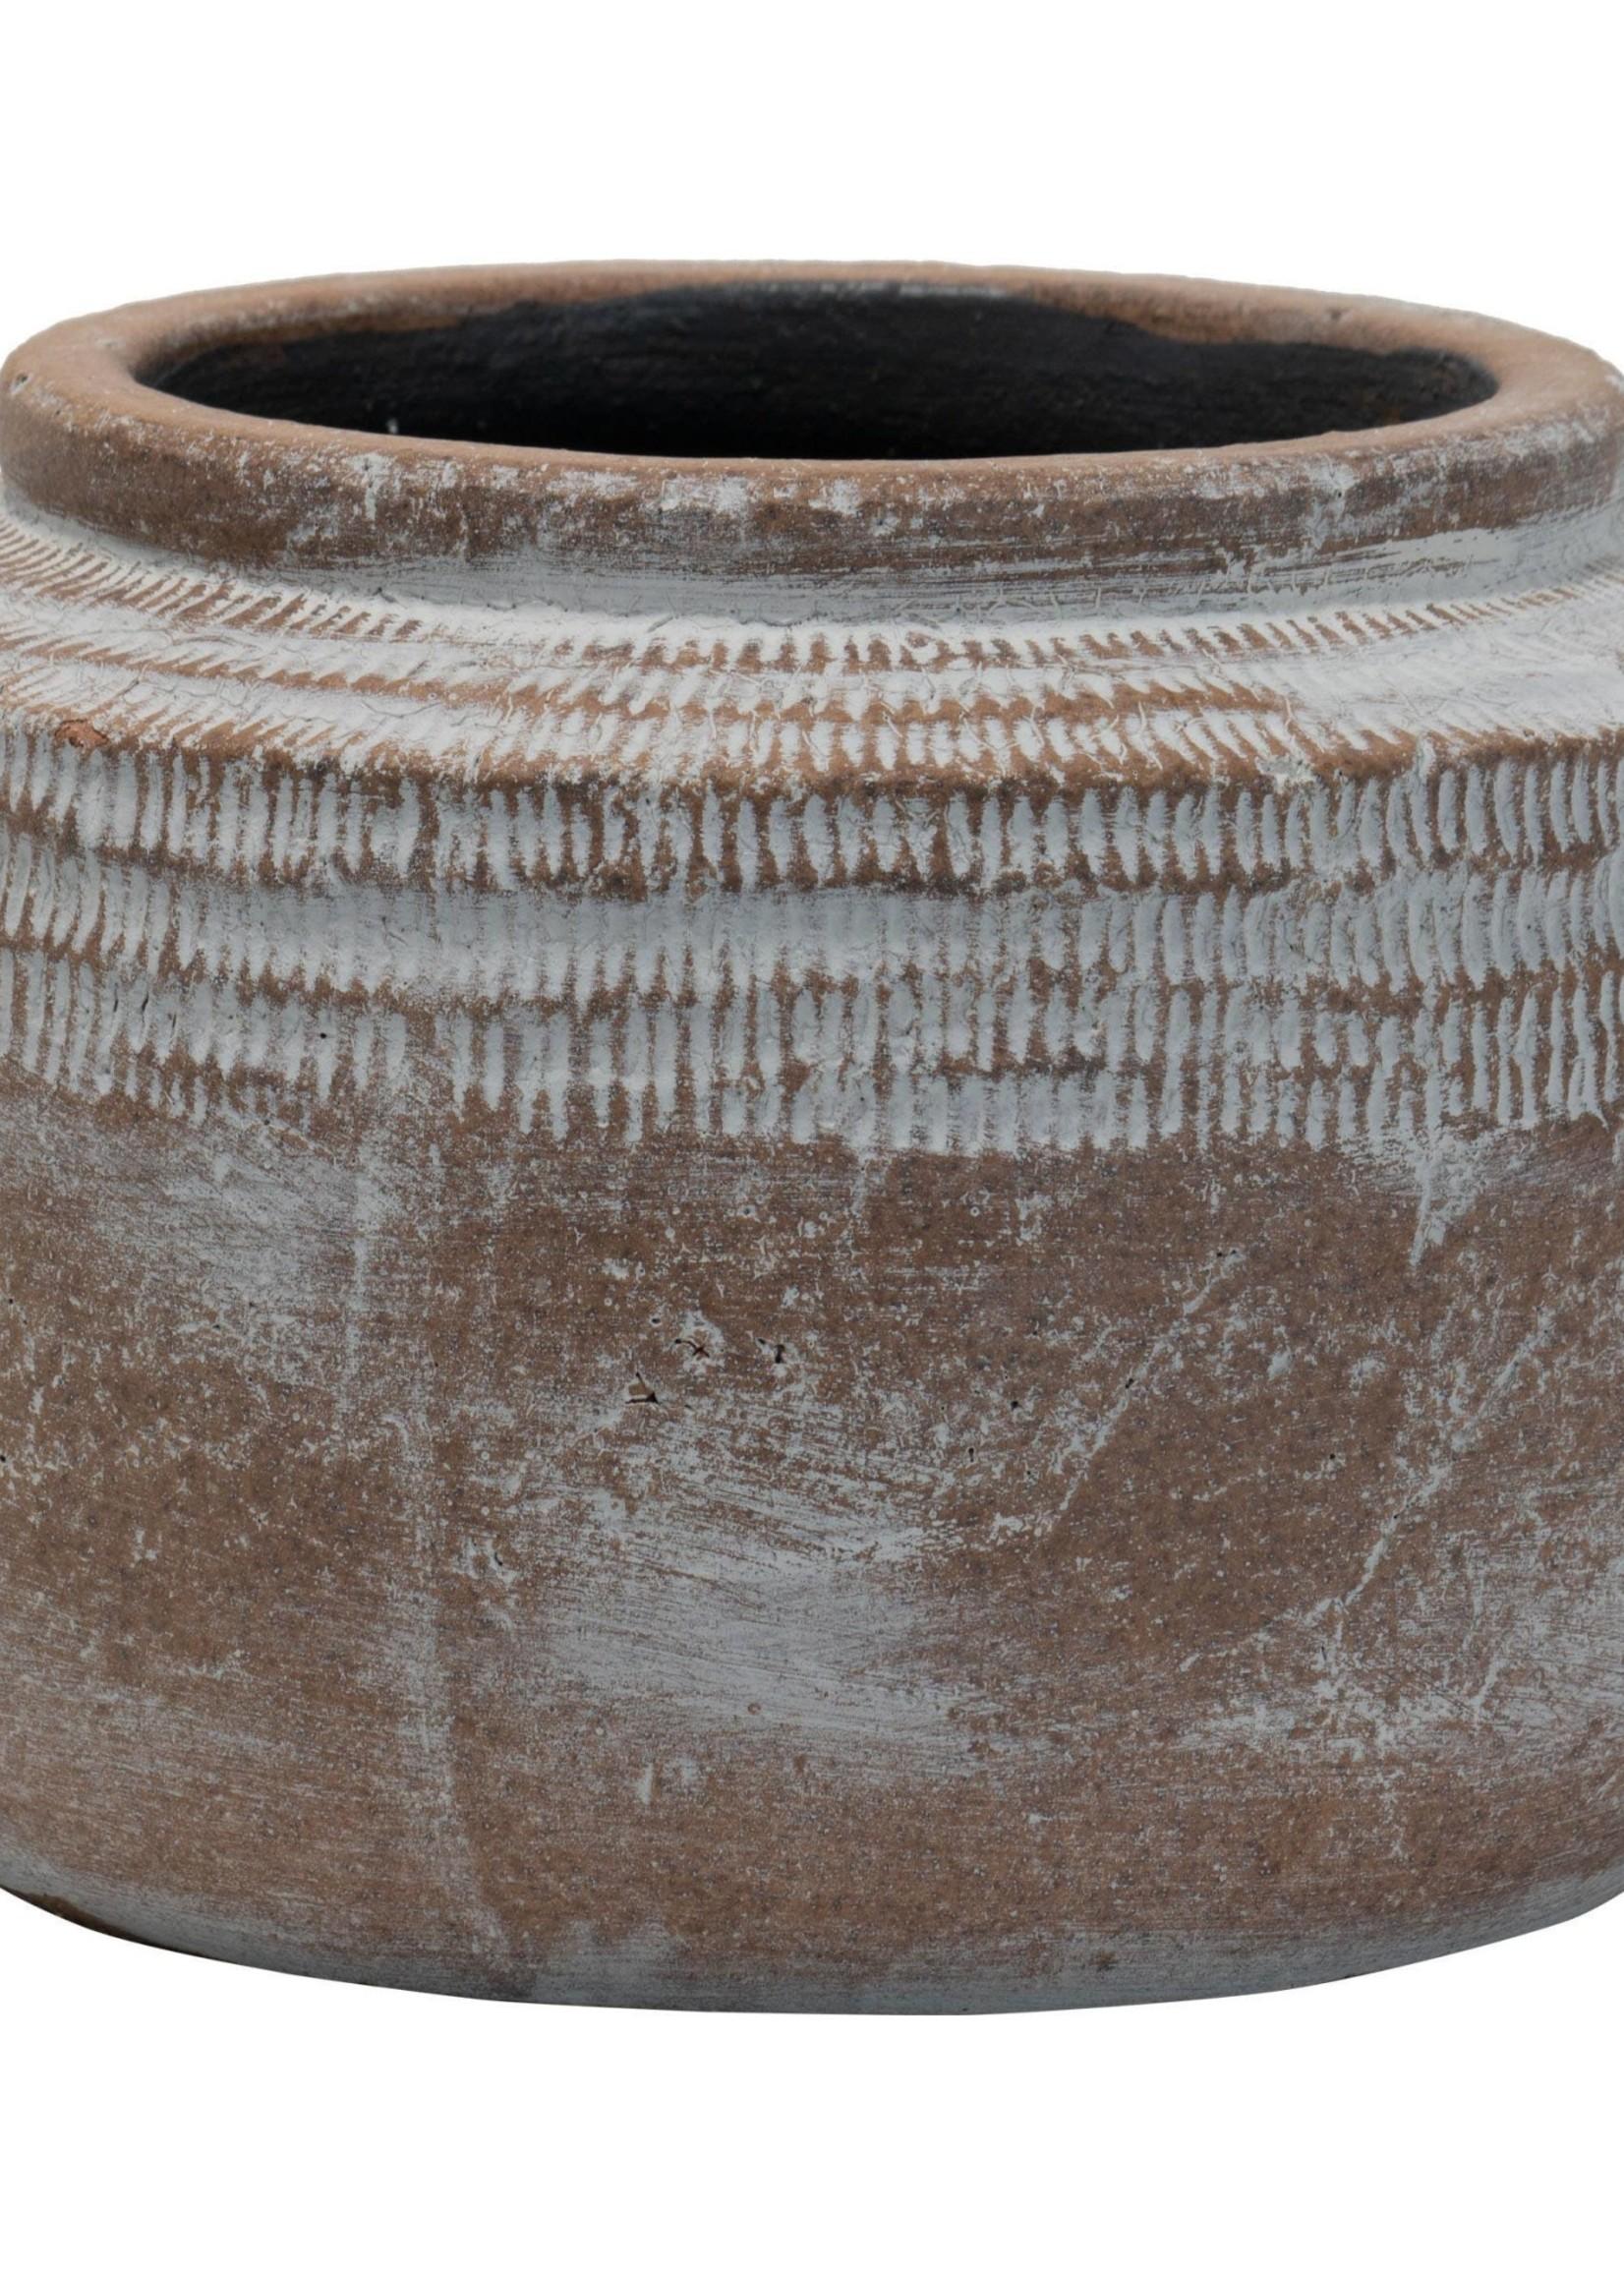 Brio Pot Large